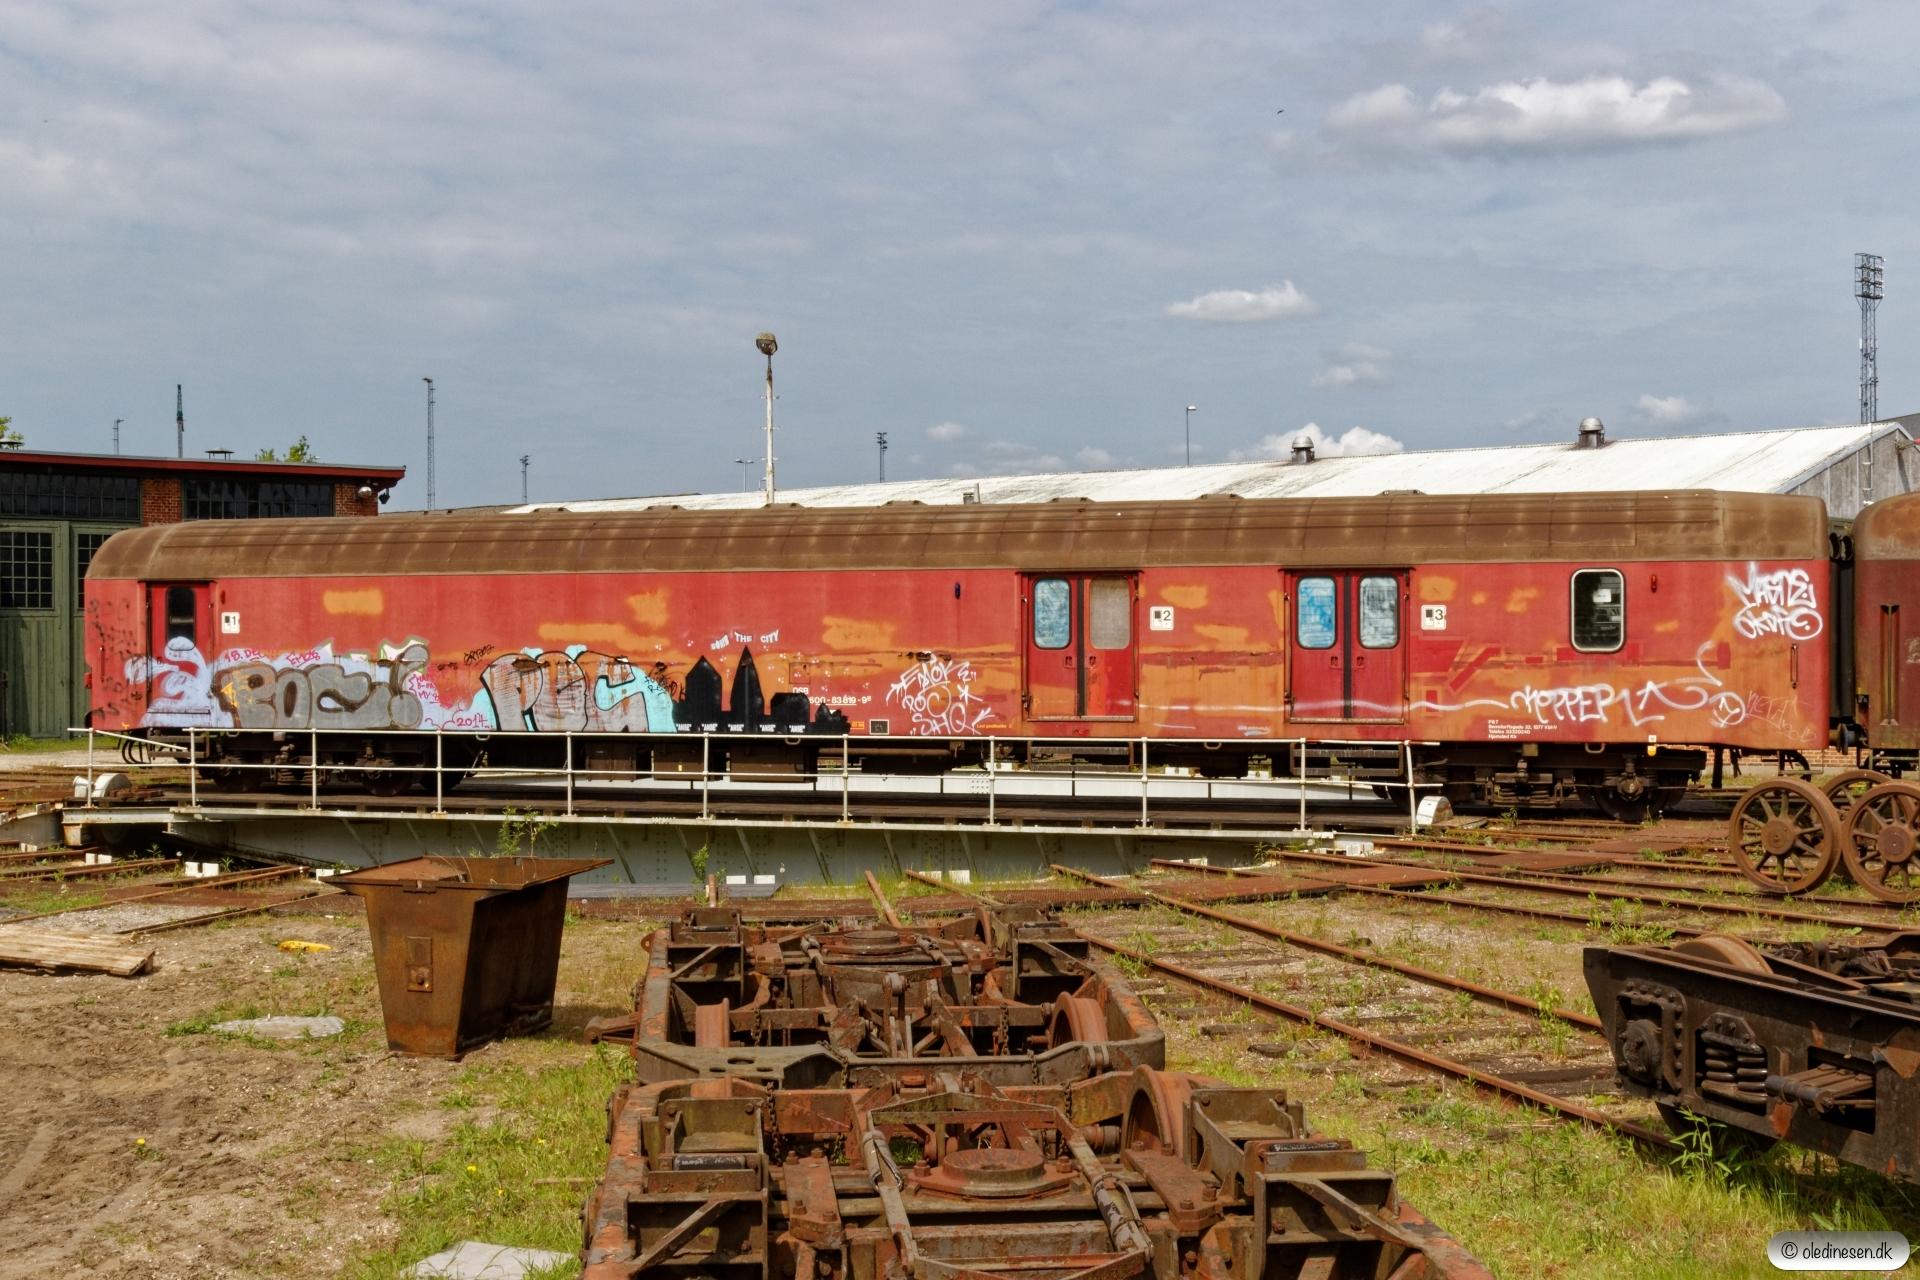 DSB P 50 86 00-83 819-9. Randers 12.05.2018.